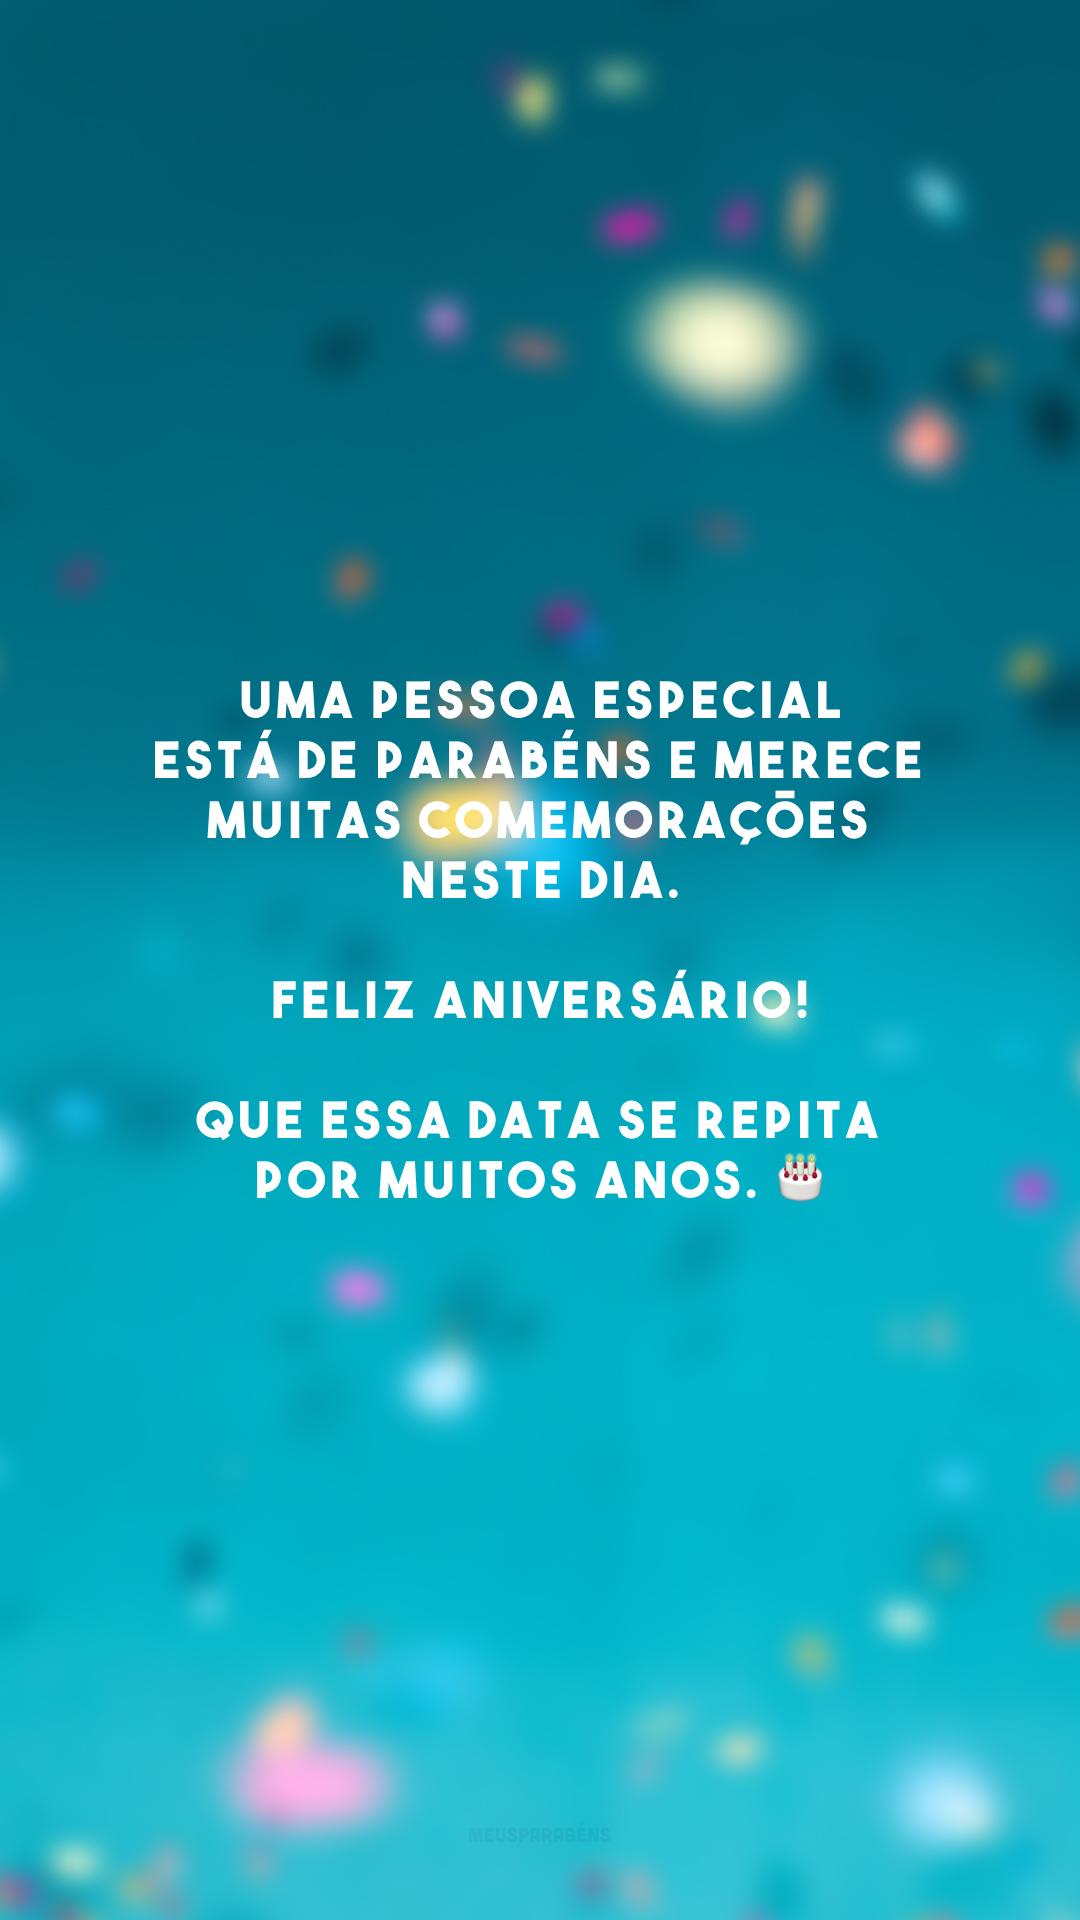 Uma pessoa especial está de parabéns e merece muitas comemorações neste dia. Feliz aniversário! Que essa data se repita por muitos anos. 🎂